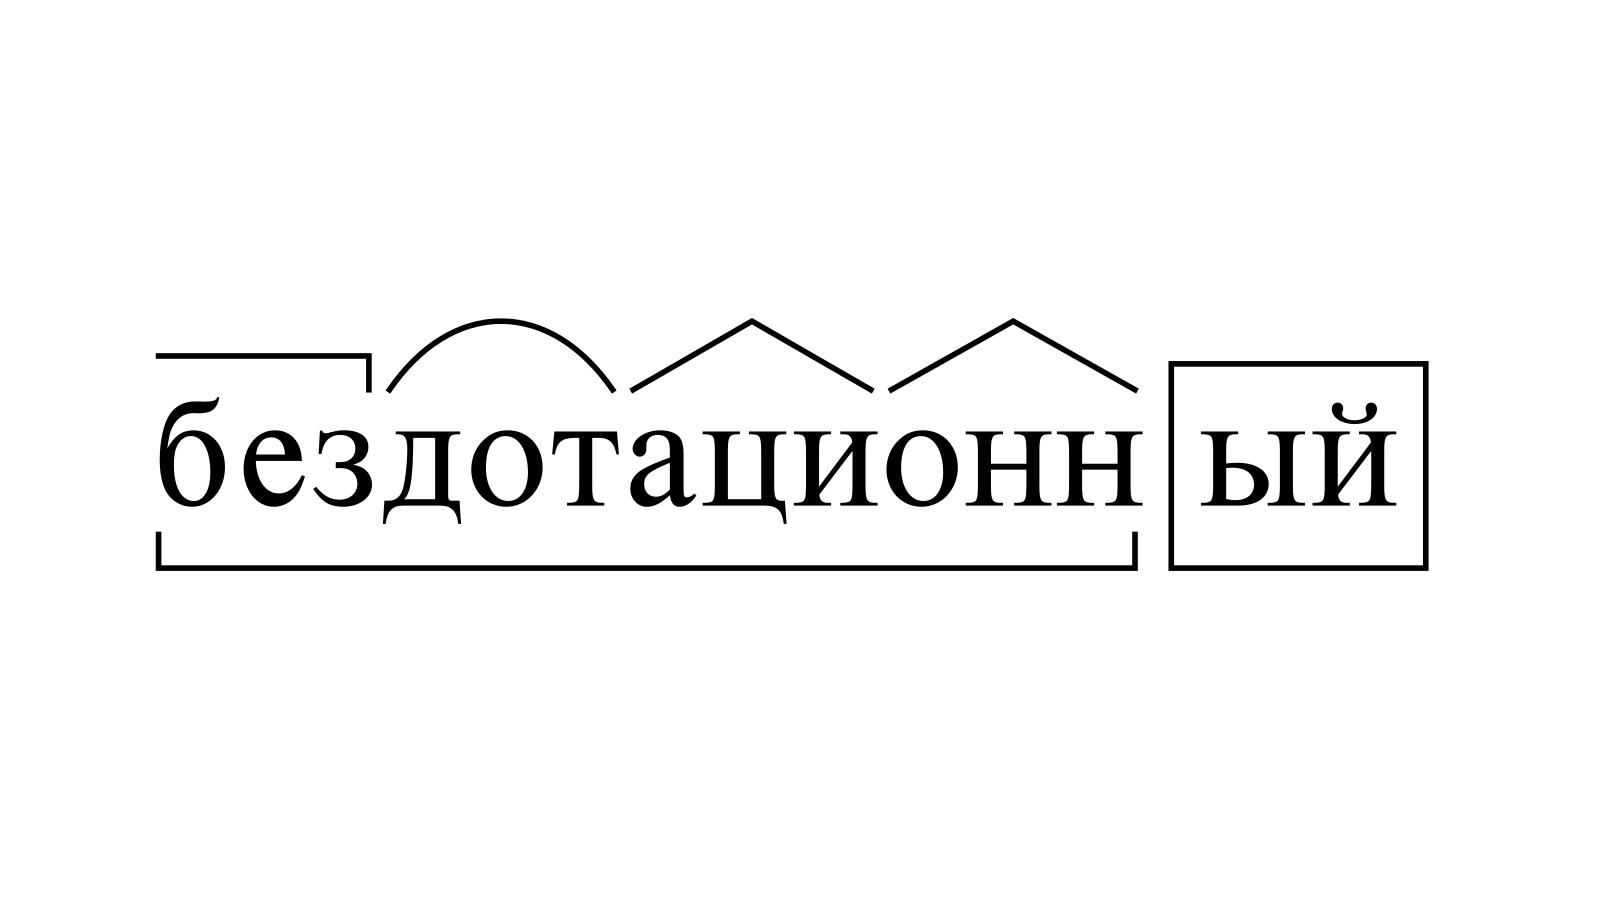 Разбор слова «бездотационный» по составу